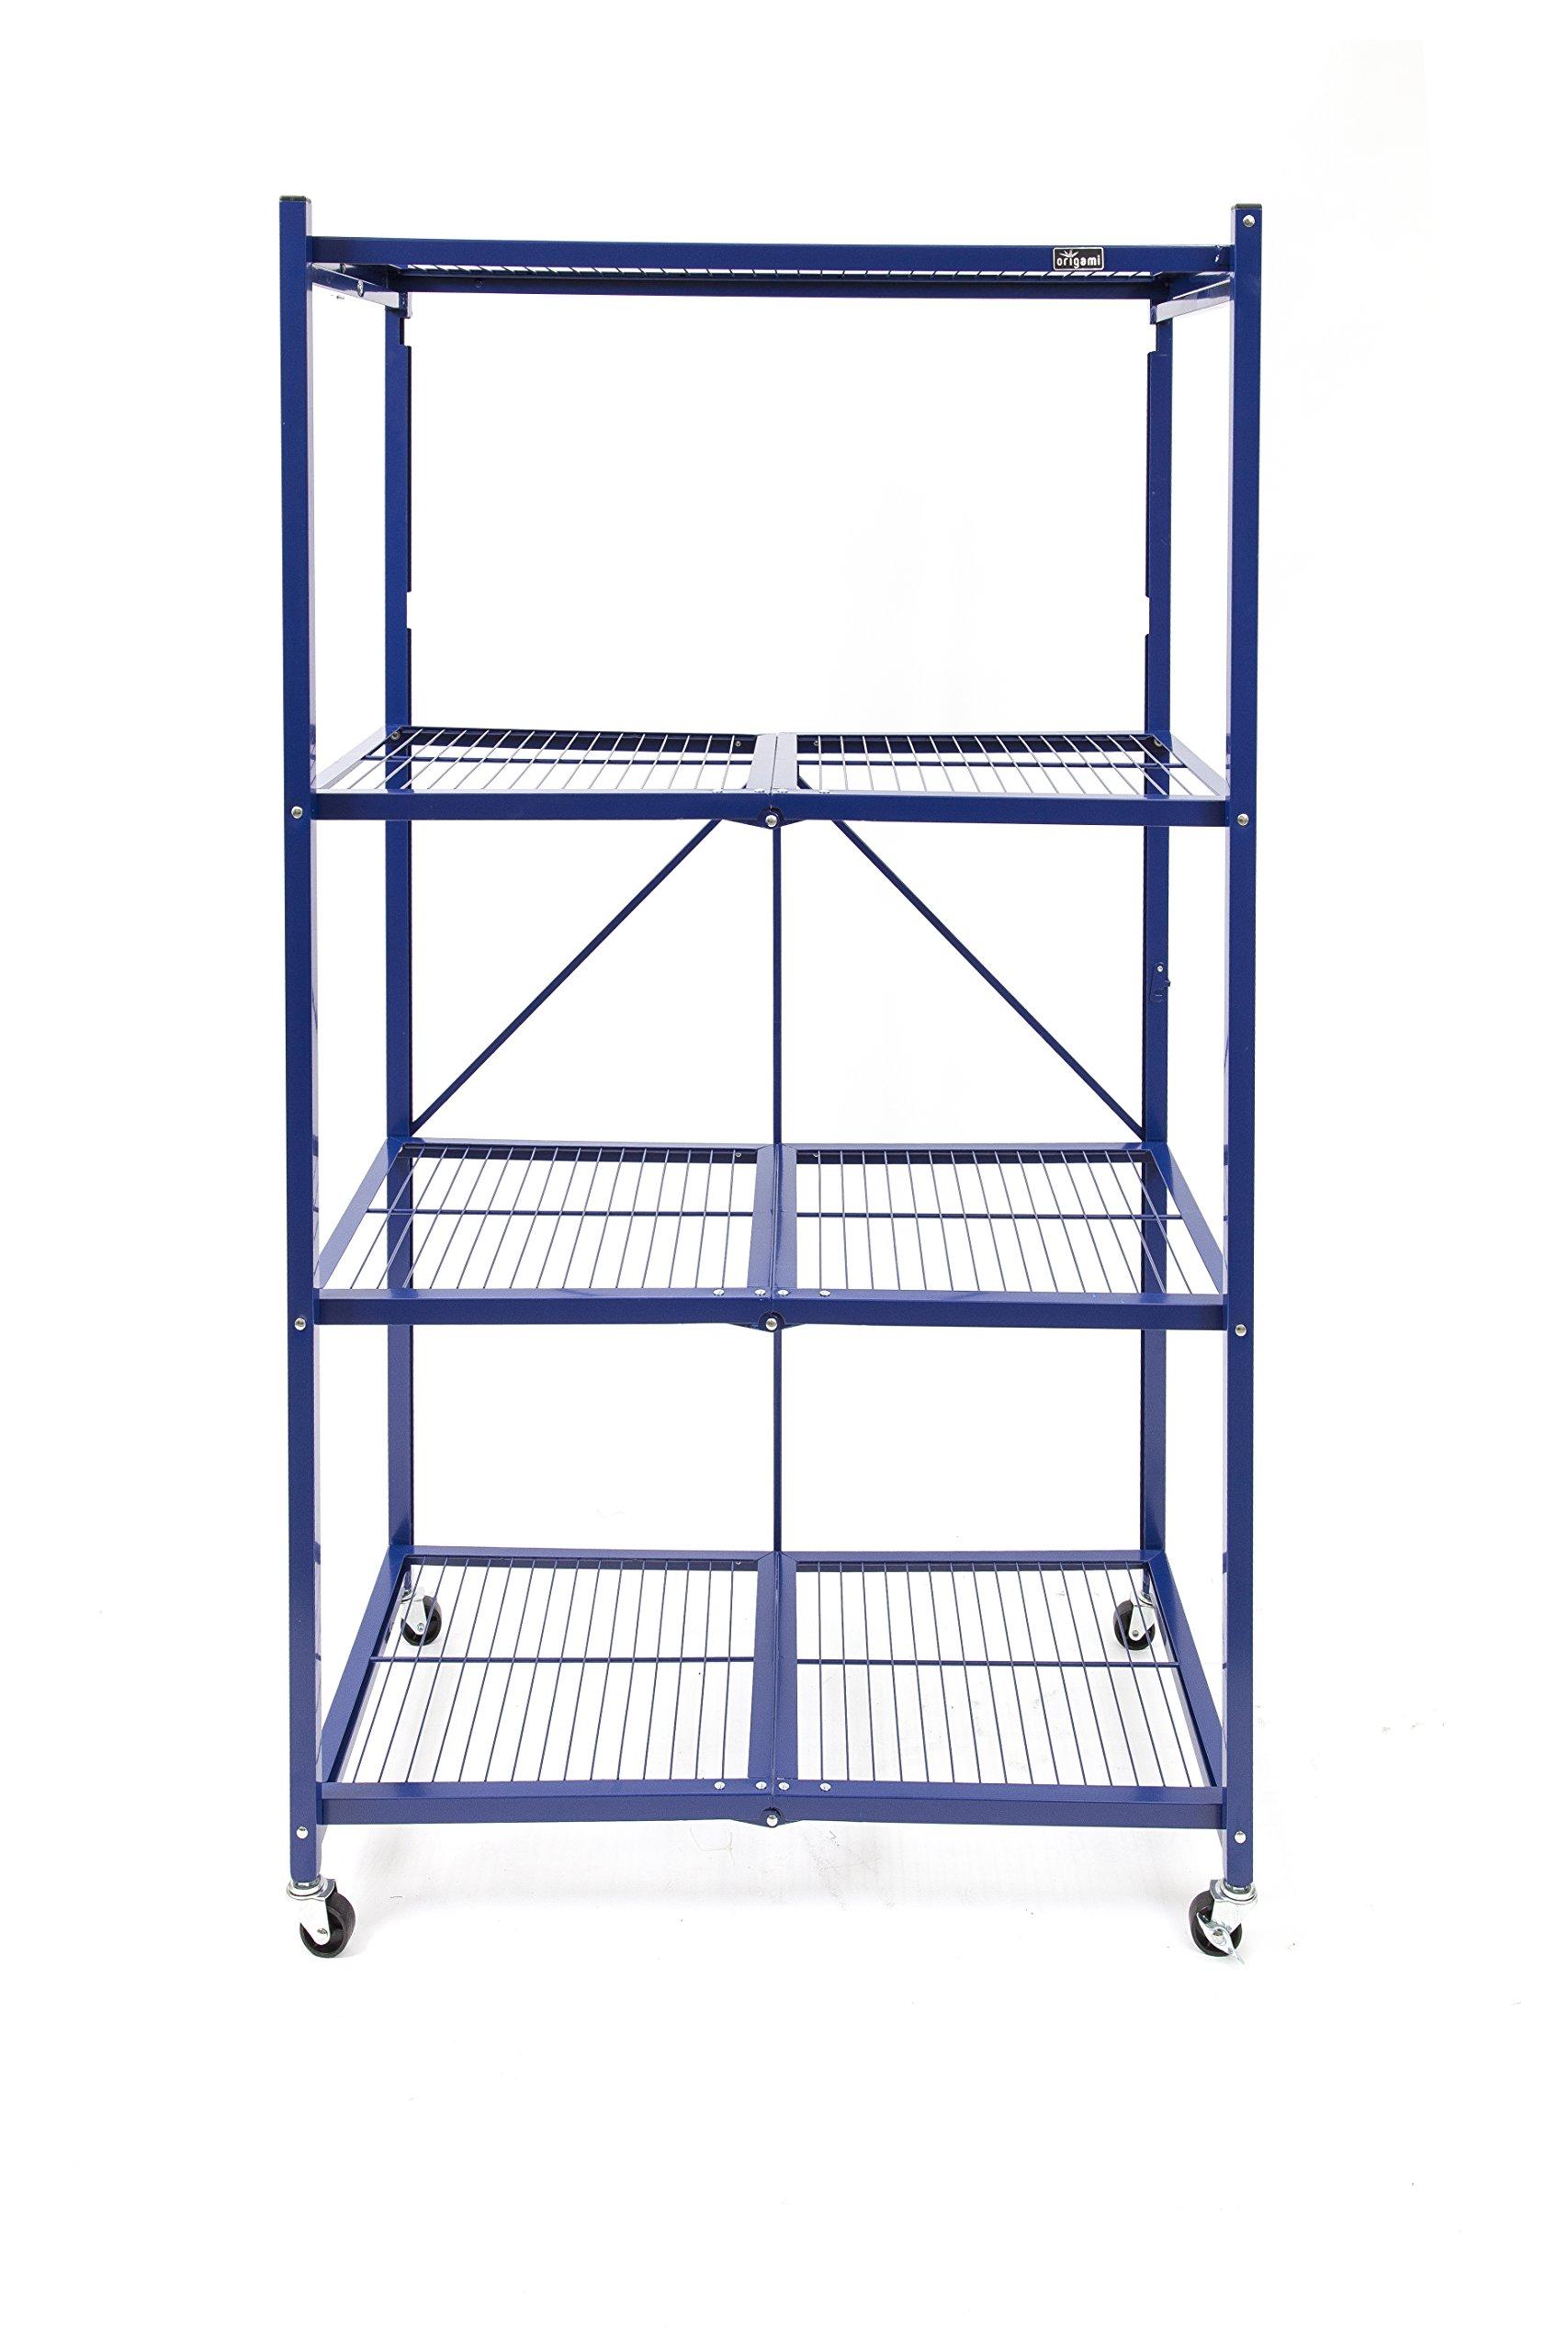 Origami R5-12W Shelf with Wheel, 5-Feet, Blue